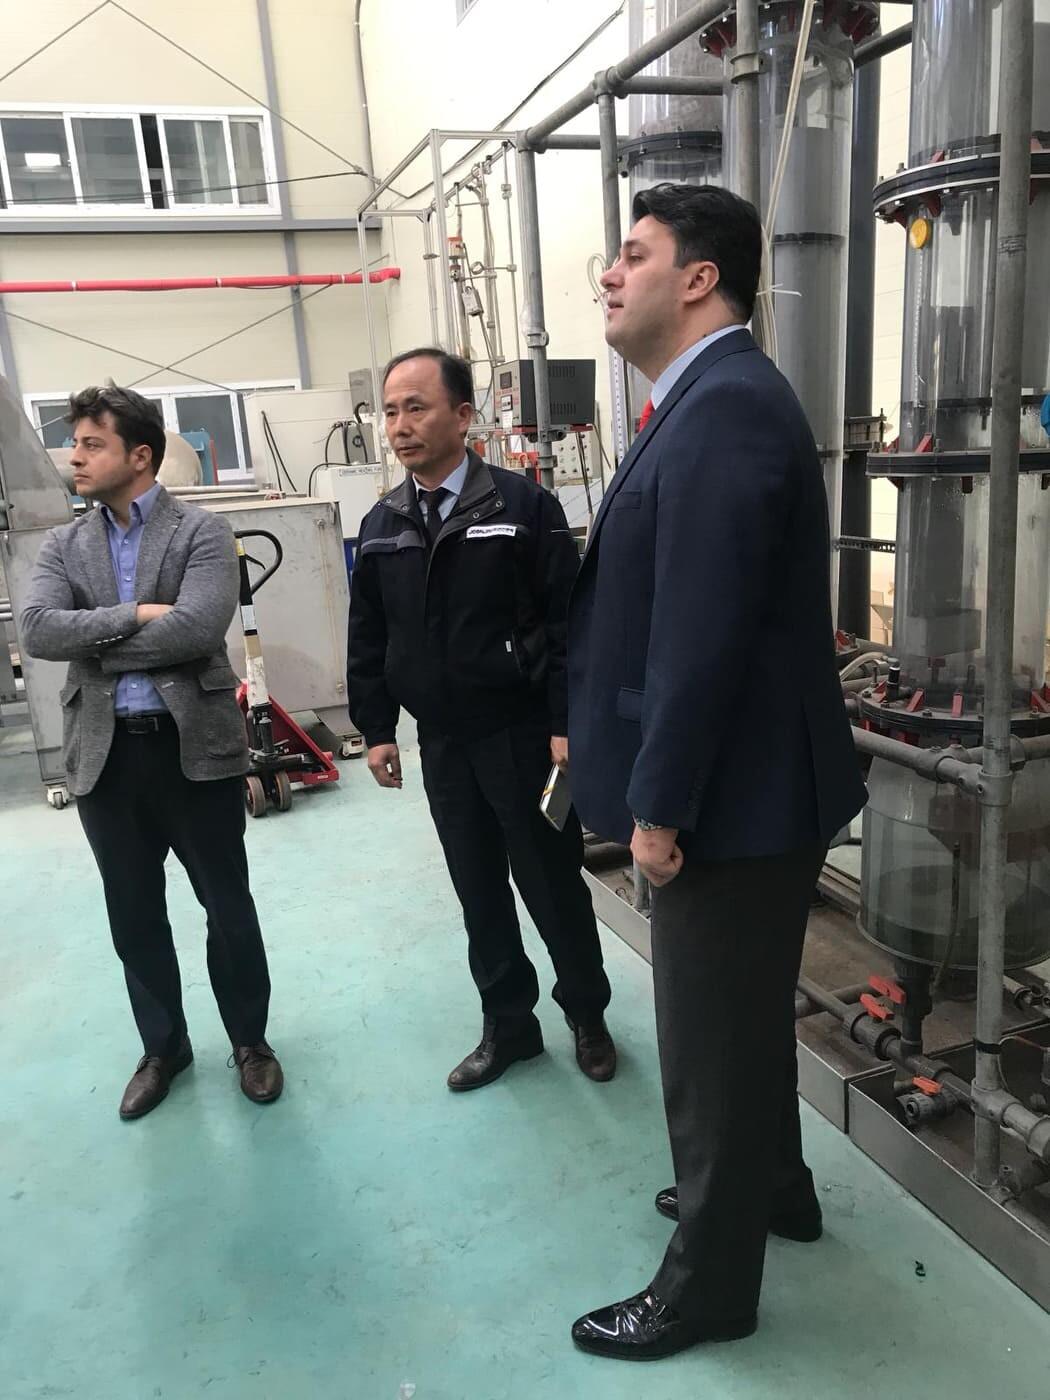 sektorel, haberler - ISGEM Güney Kore Temasları Devam Ediyor 7 - Isgem'den Koreli Tersaneler ve Üreticilerle Yeni Işbirliktelikleri